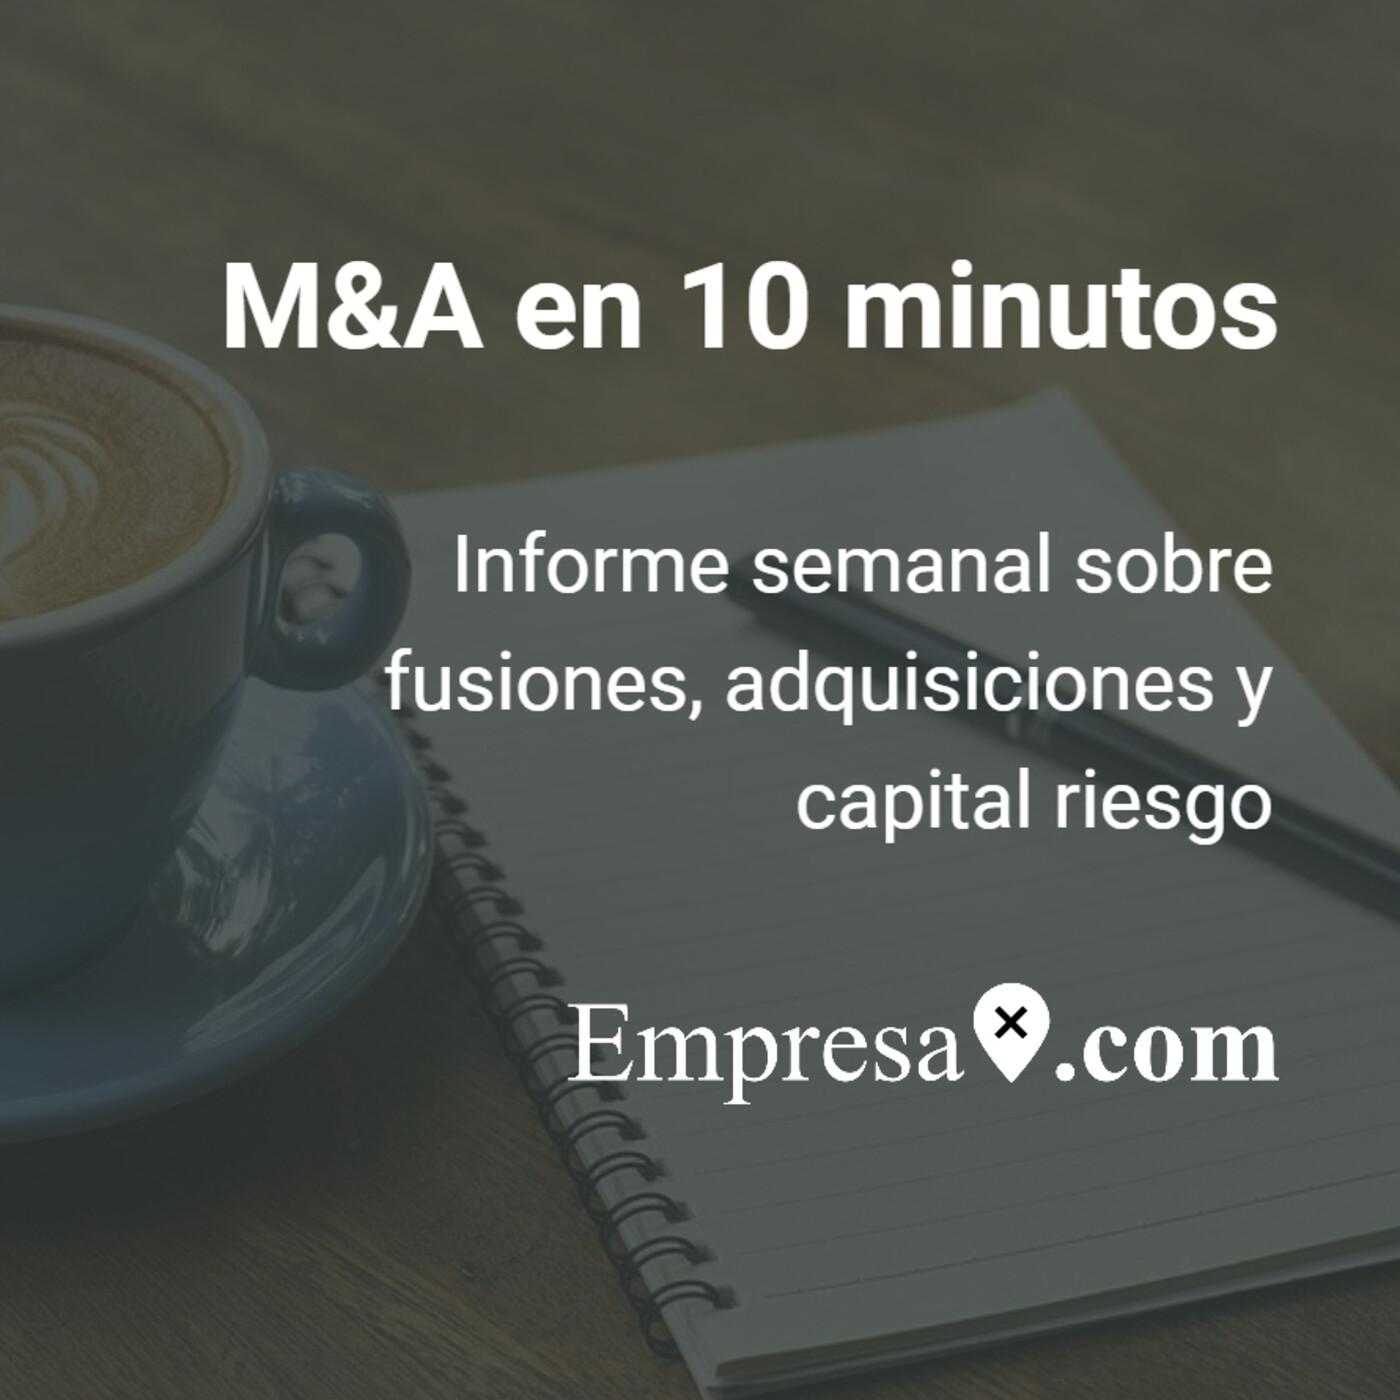 M&A en 10 minutos: economía circular y sector hortofrutícola